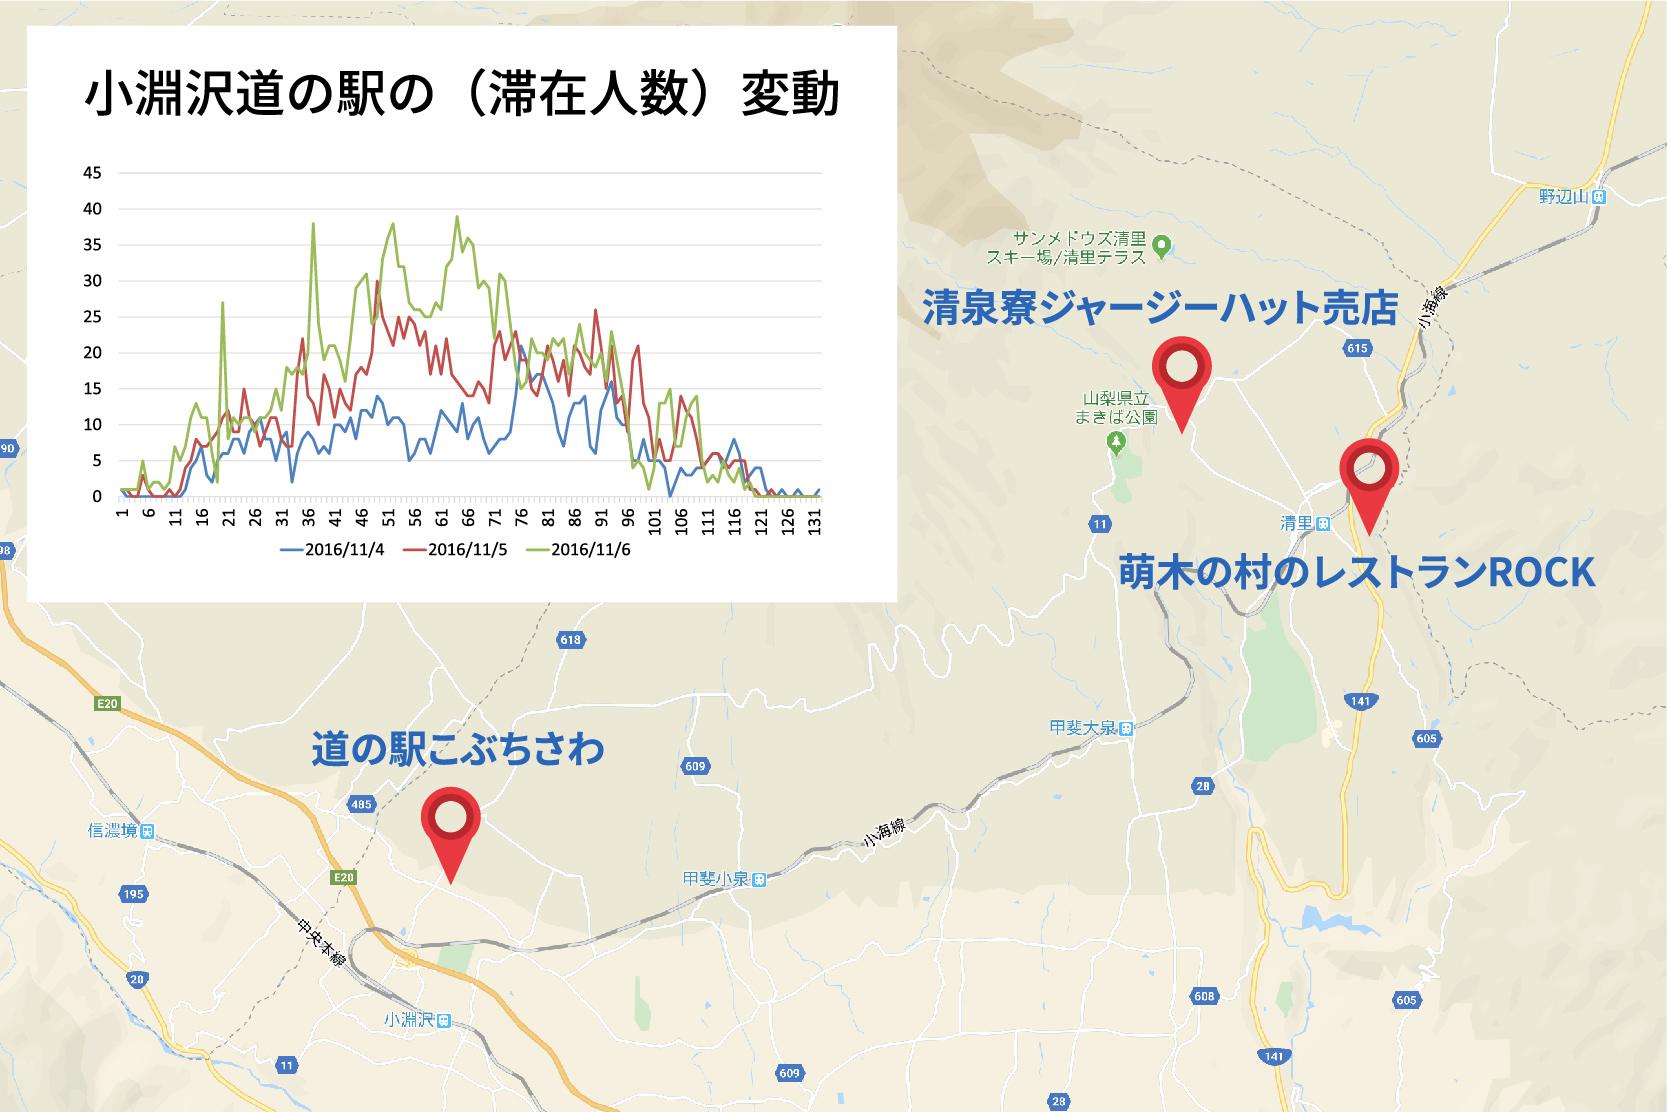 八ヶ岳観光人流データのIoT計測研究